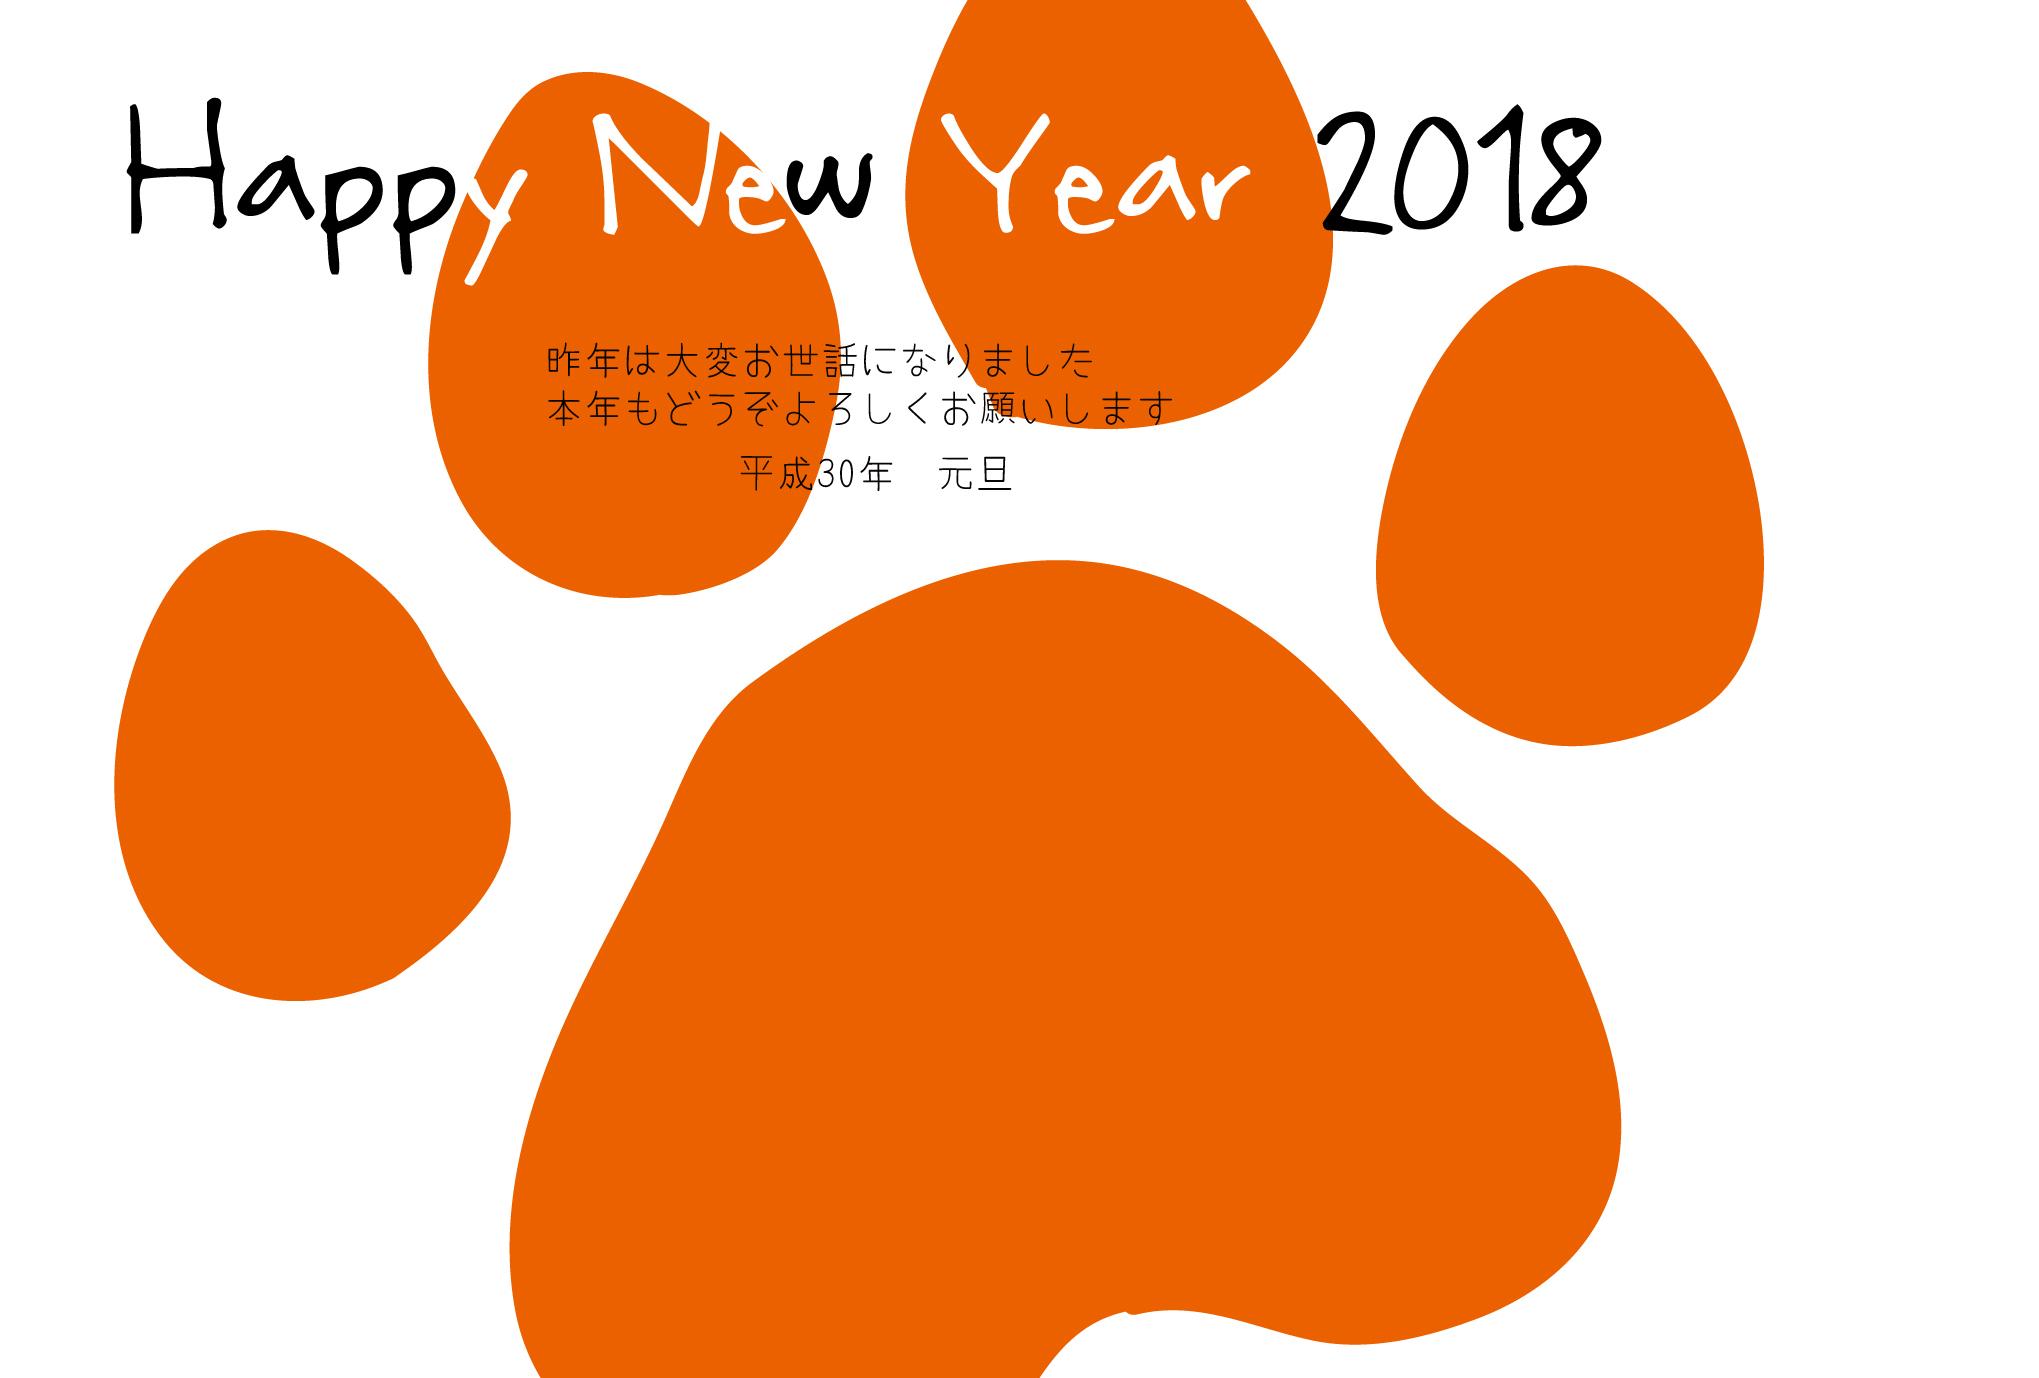 年賀状テンプレート「戌(いぬ)」にくきゅう1ダウンロード|かわいい